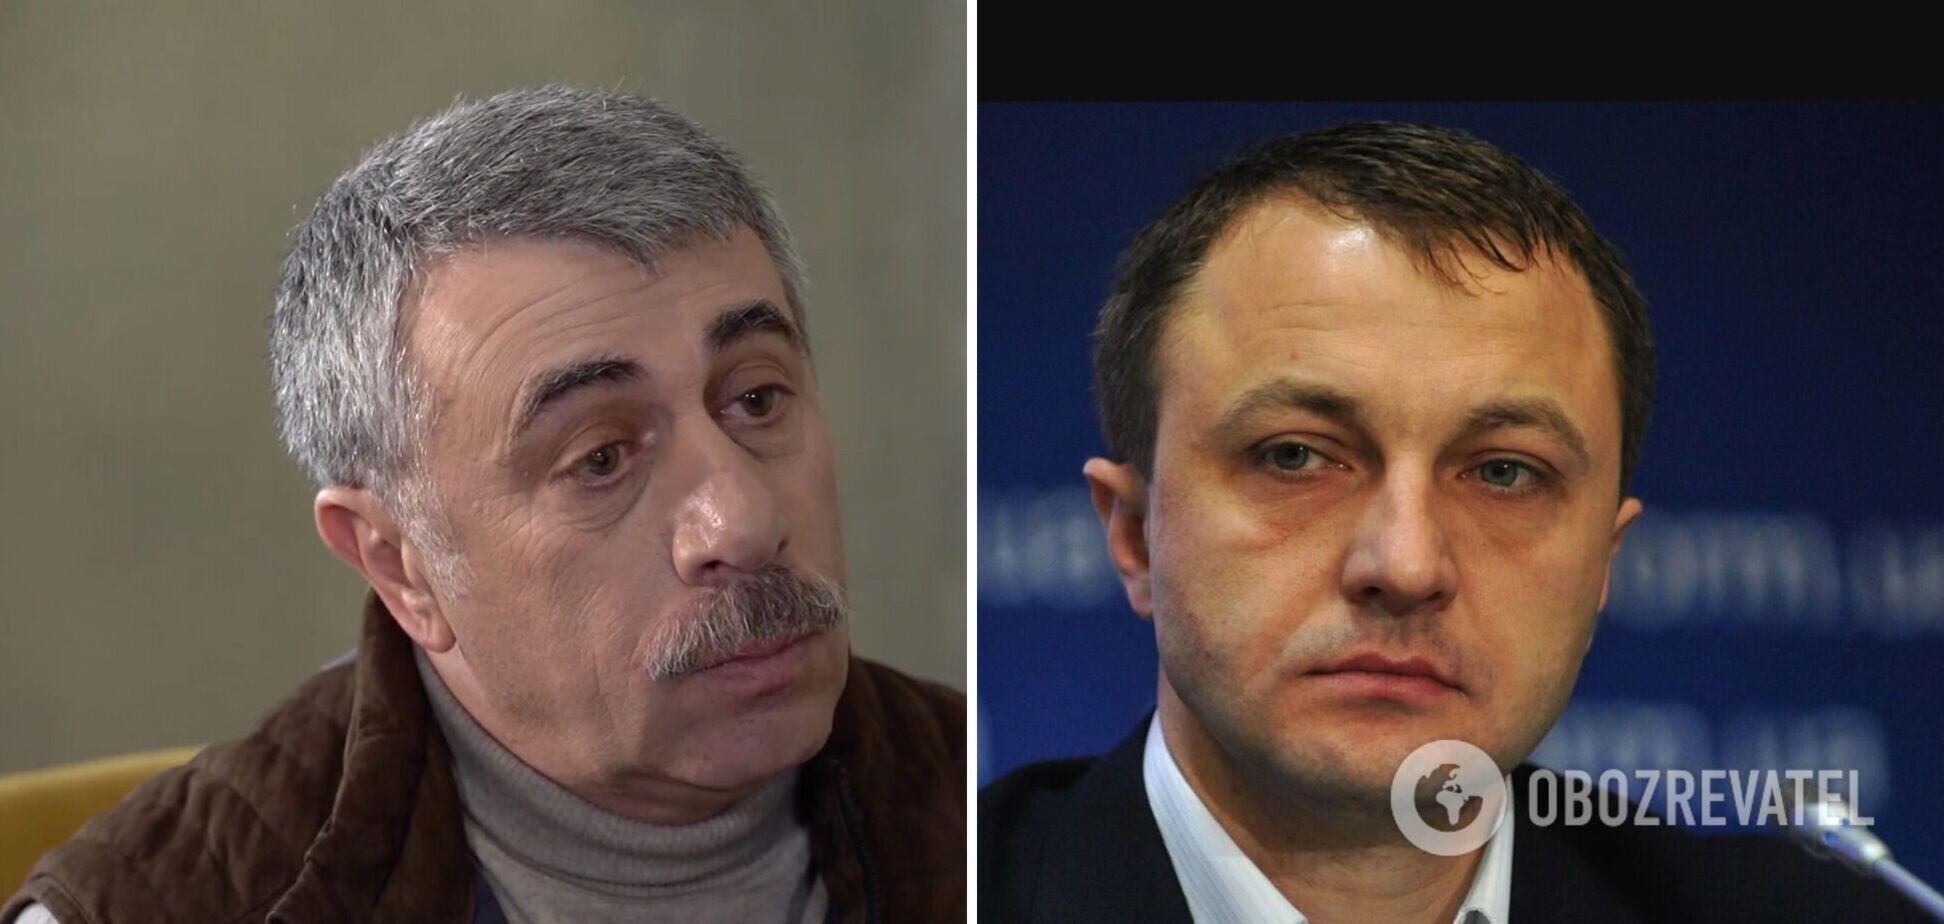 Языковой омбудсмен ответил Комаровскому на критику: есть Конституция, есть закон